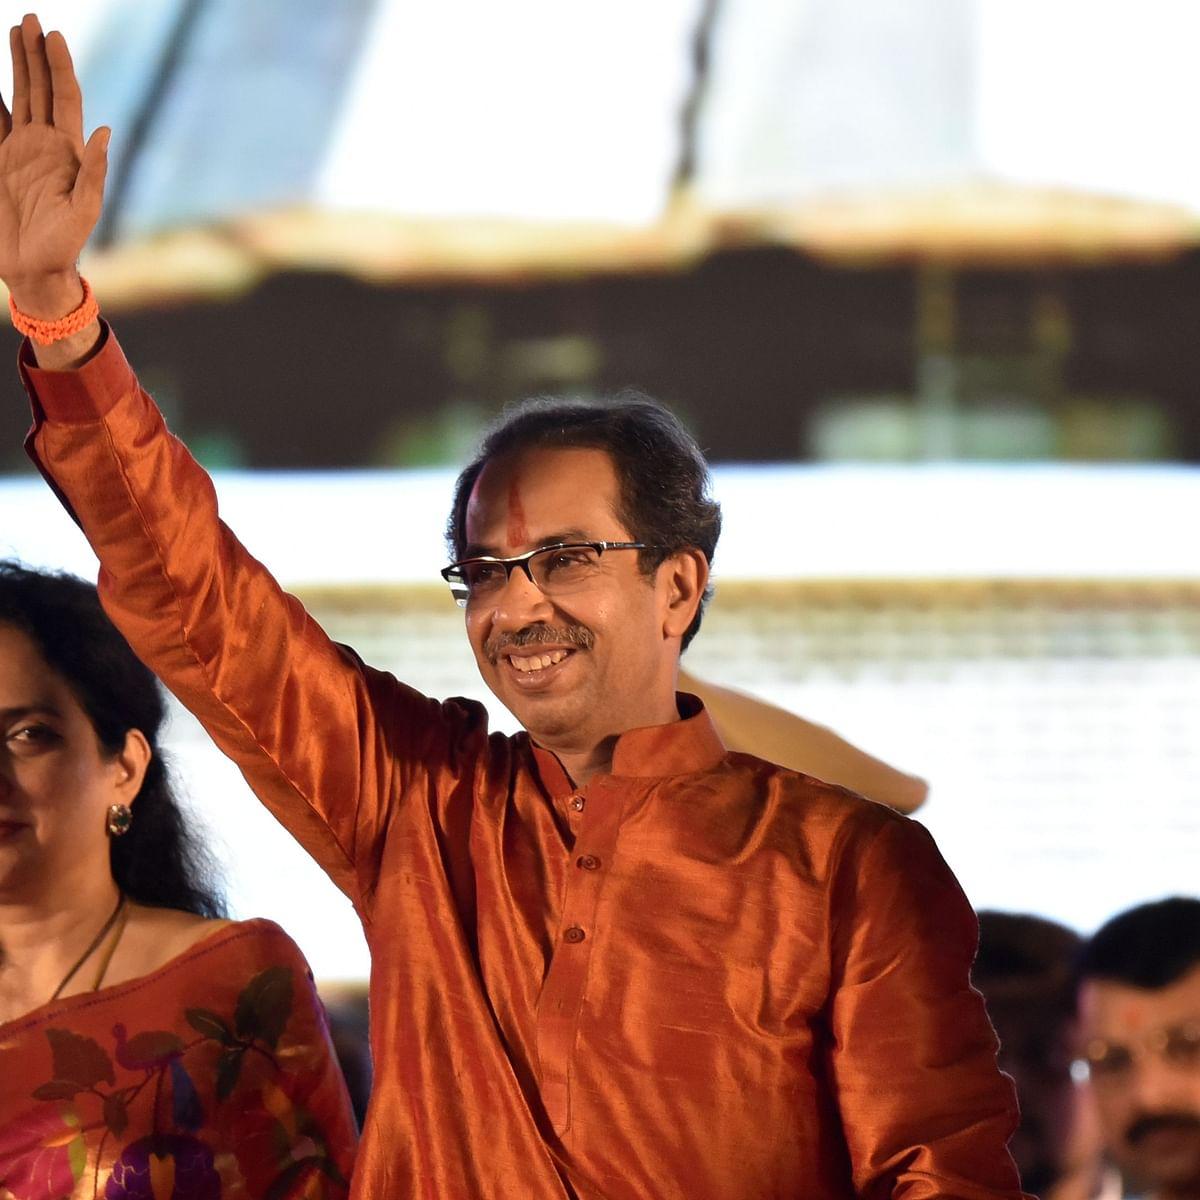 حلف برداری تقریب میں اپنی اہلیہ کے ہمراہ وزیر اعلیٰ ادھو ٹھاکرے / Getty Images